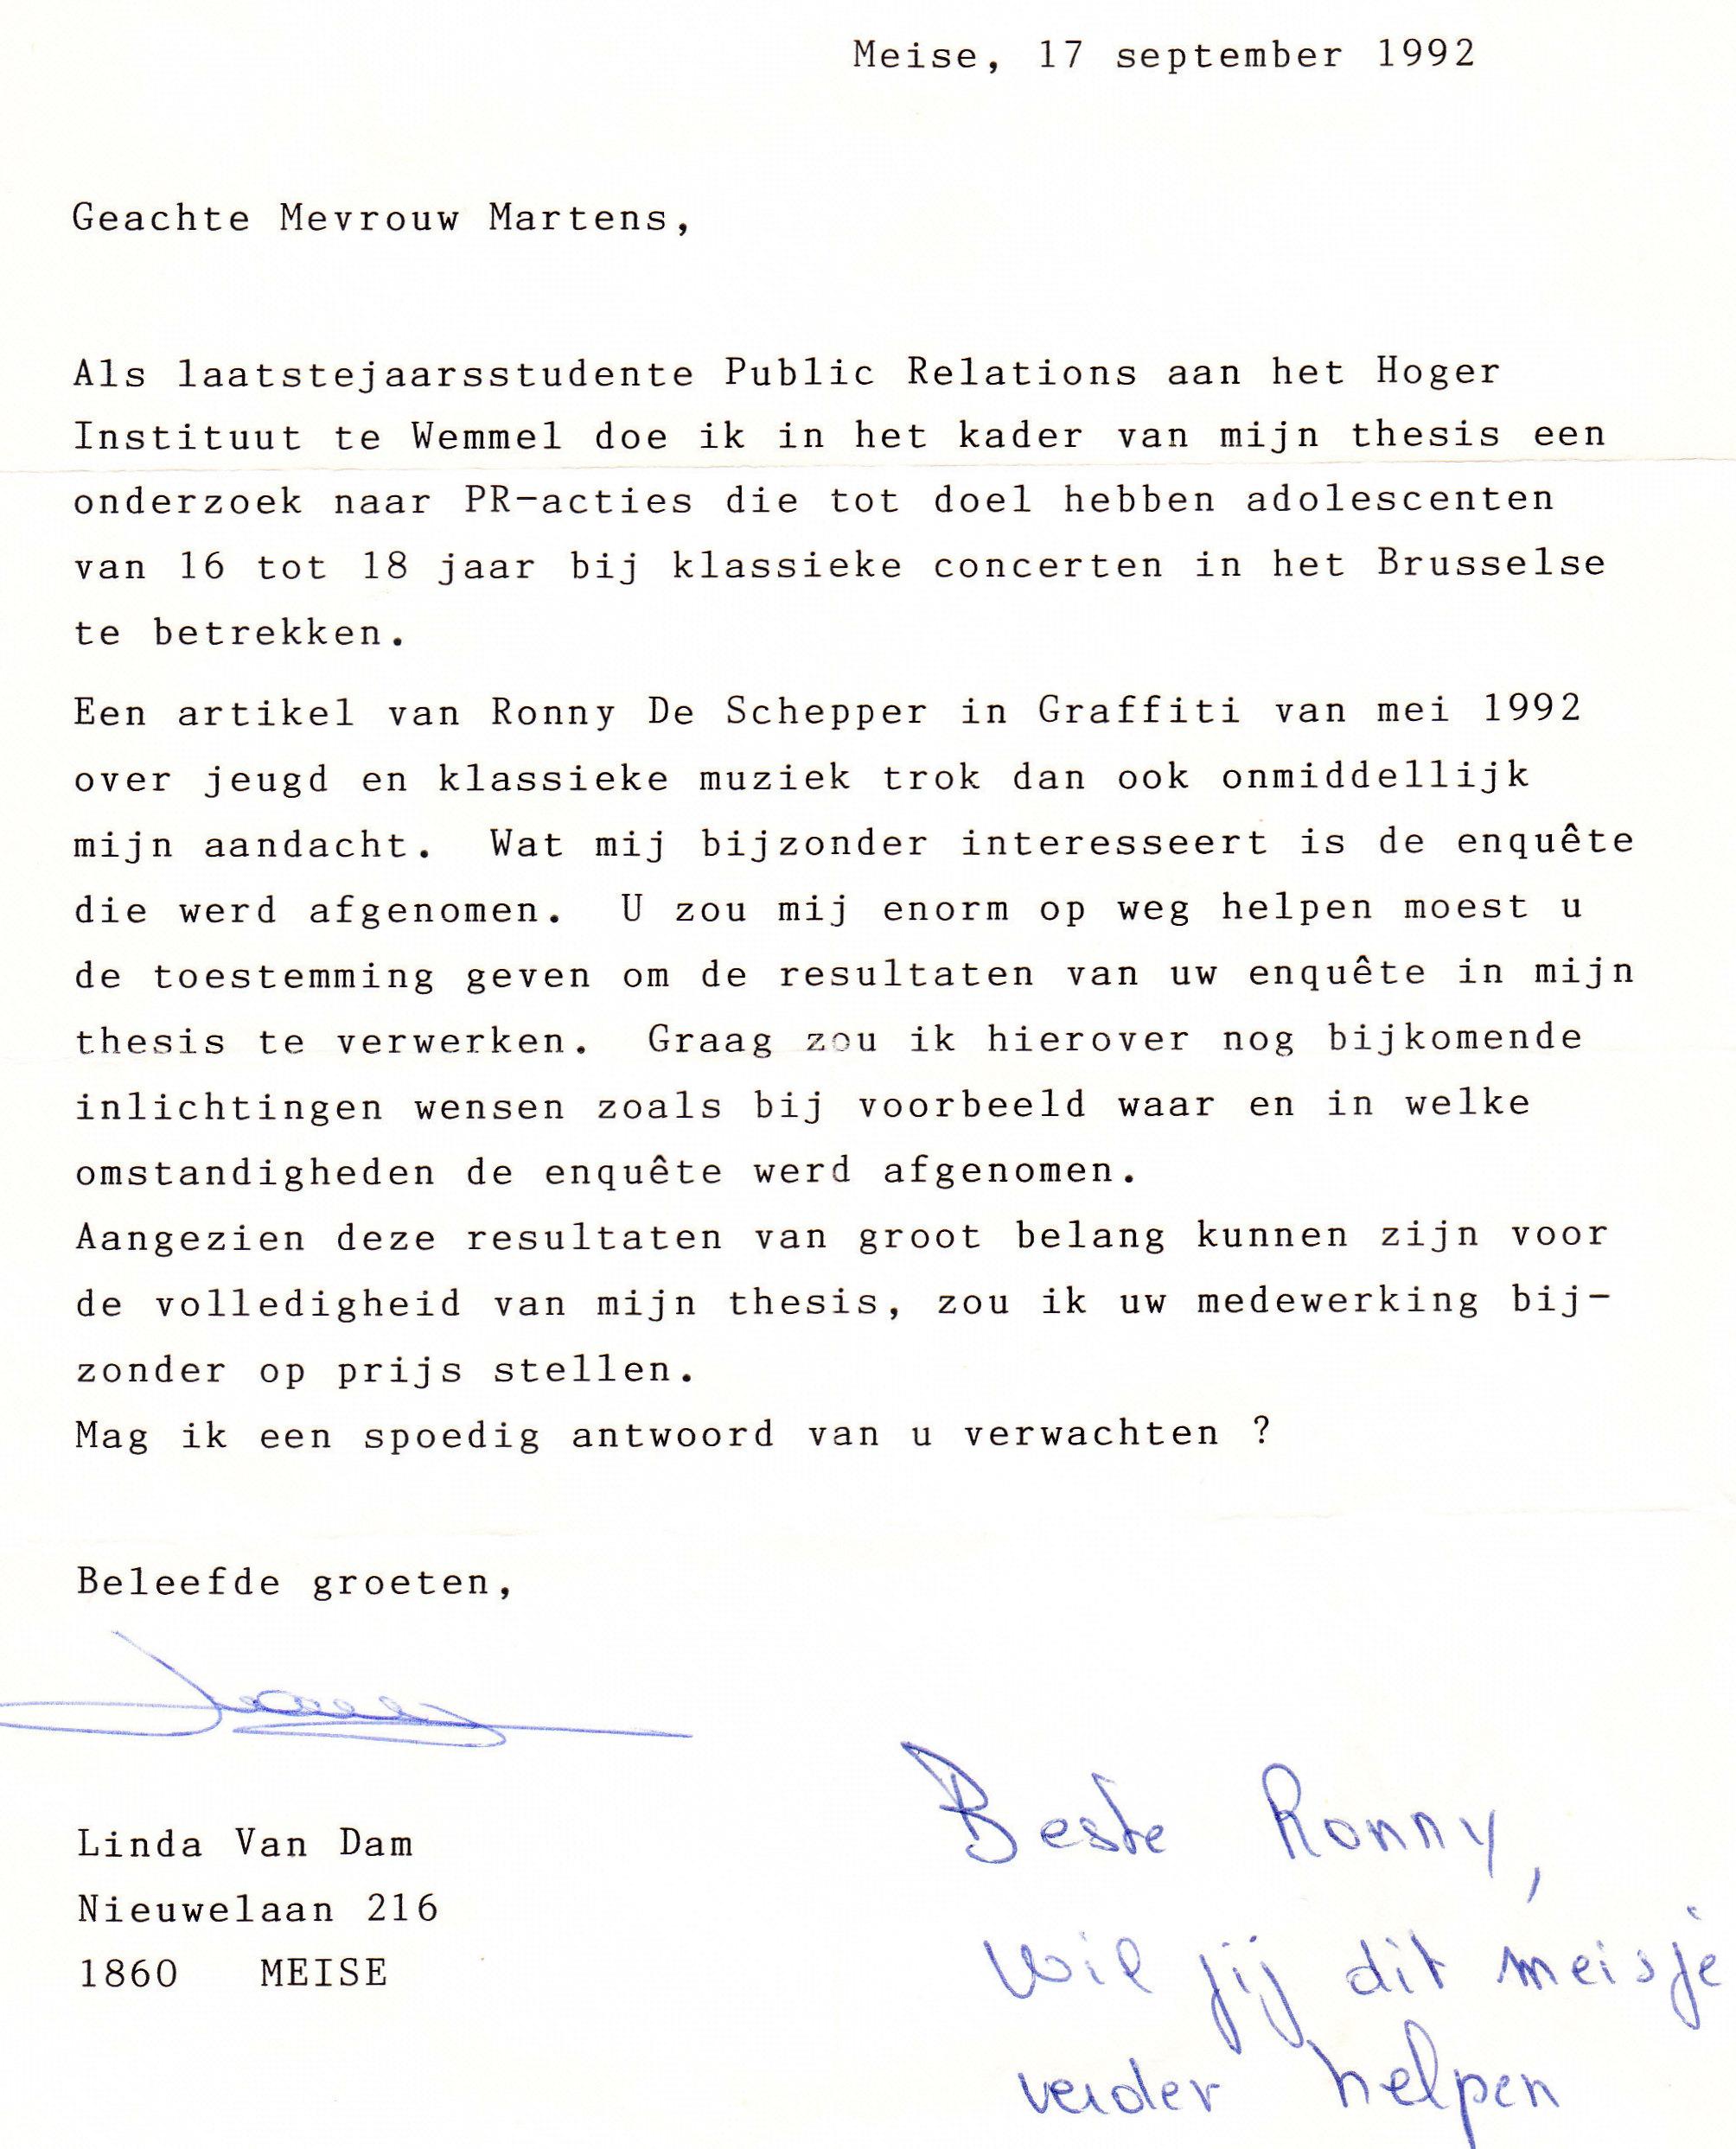 08 brief van linda van dam aan daisy martens